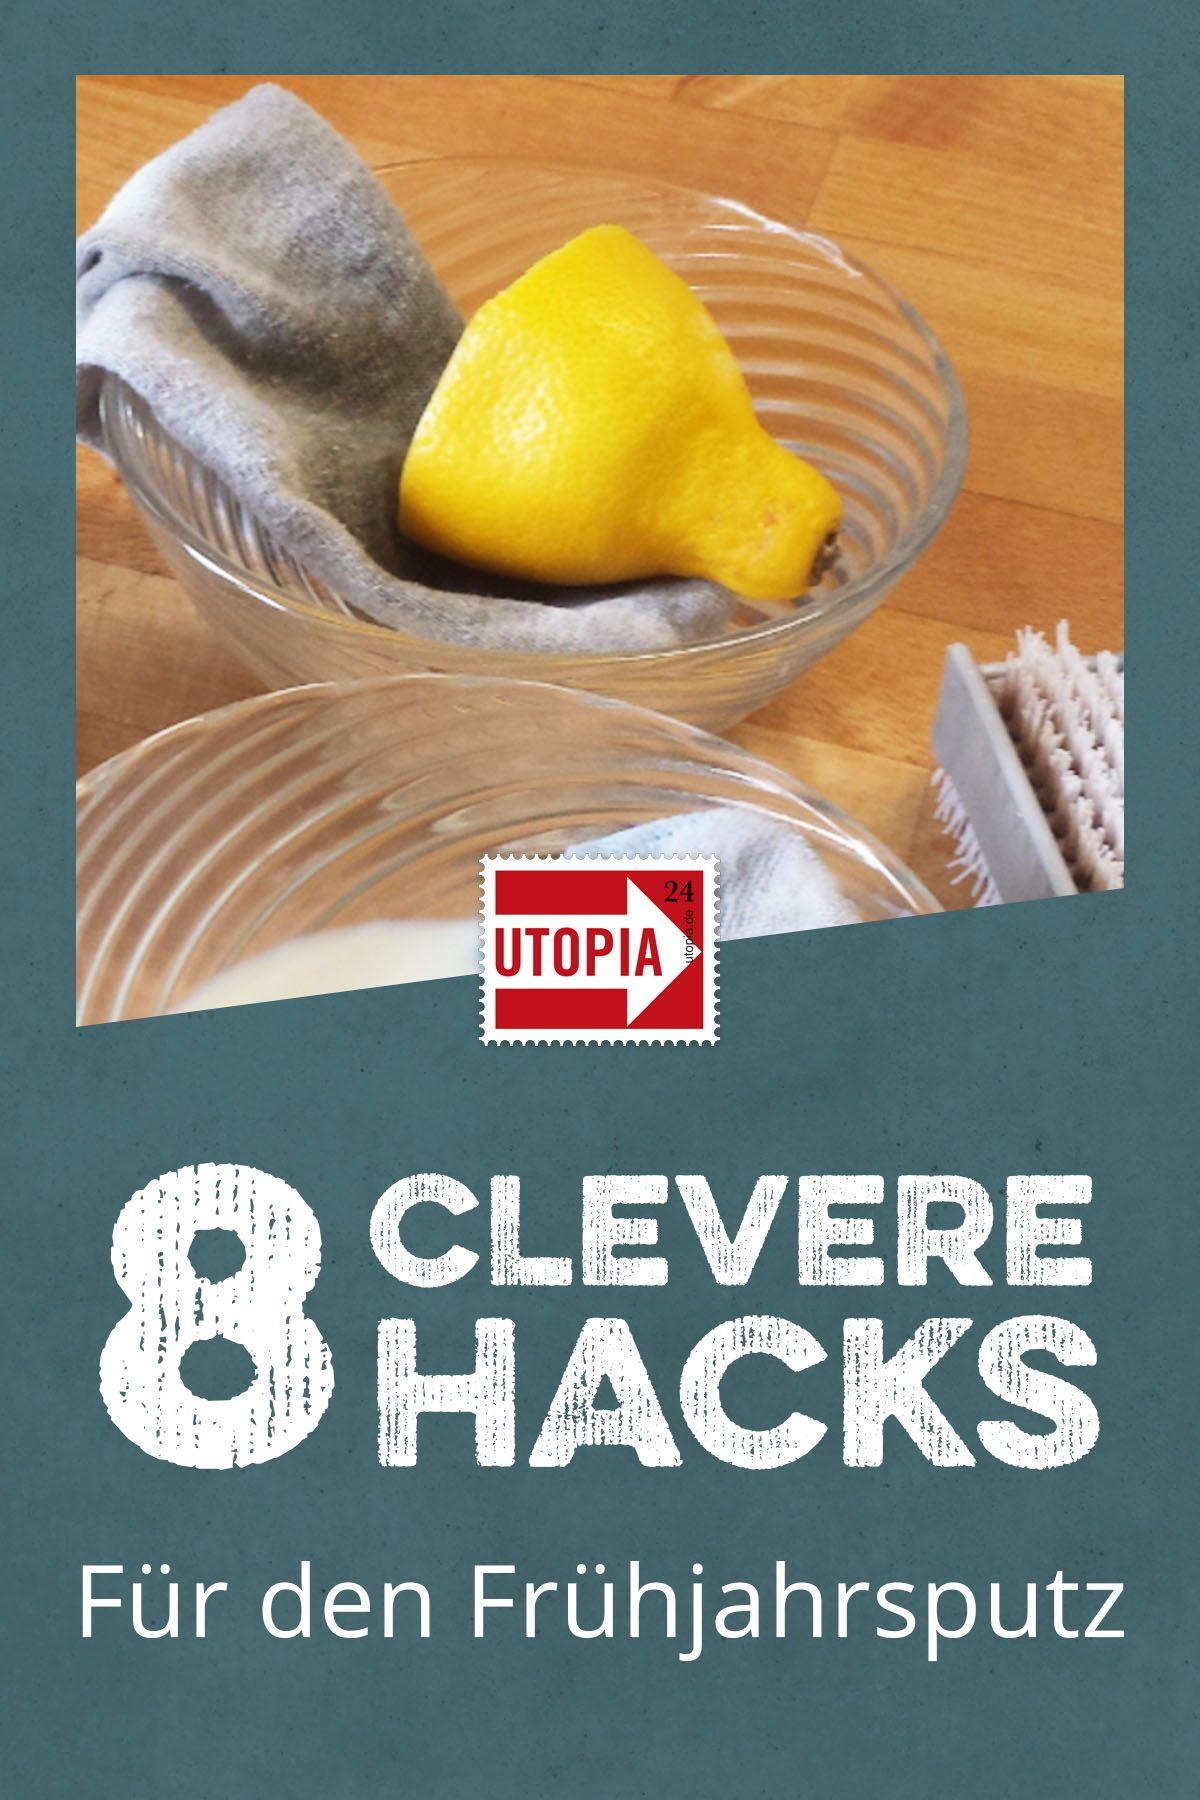 8 Clevere Hacks Die Den Fruhjahrsputz Erleichtern Fruhjahrsputz Fruhjahrsputz Tipps Und Hacks